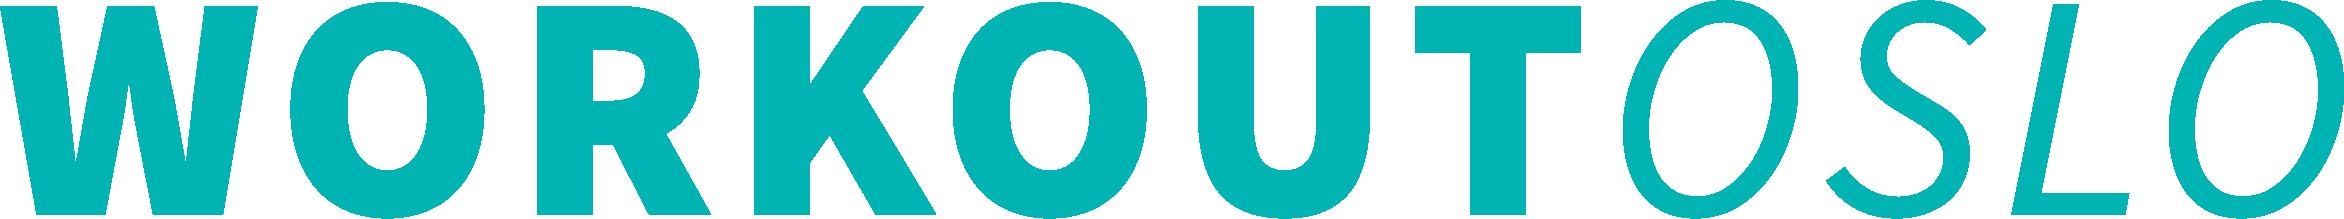 Workout Oslo logo